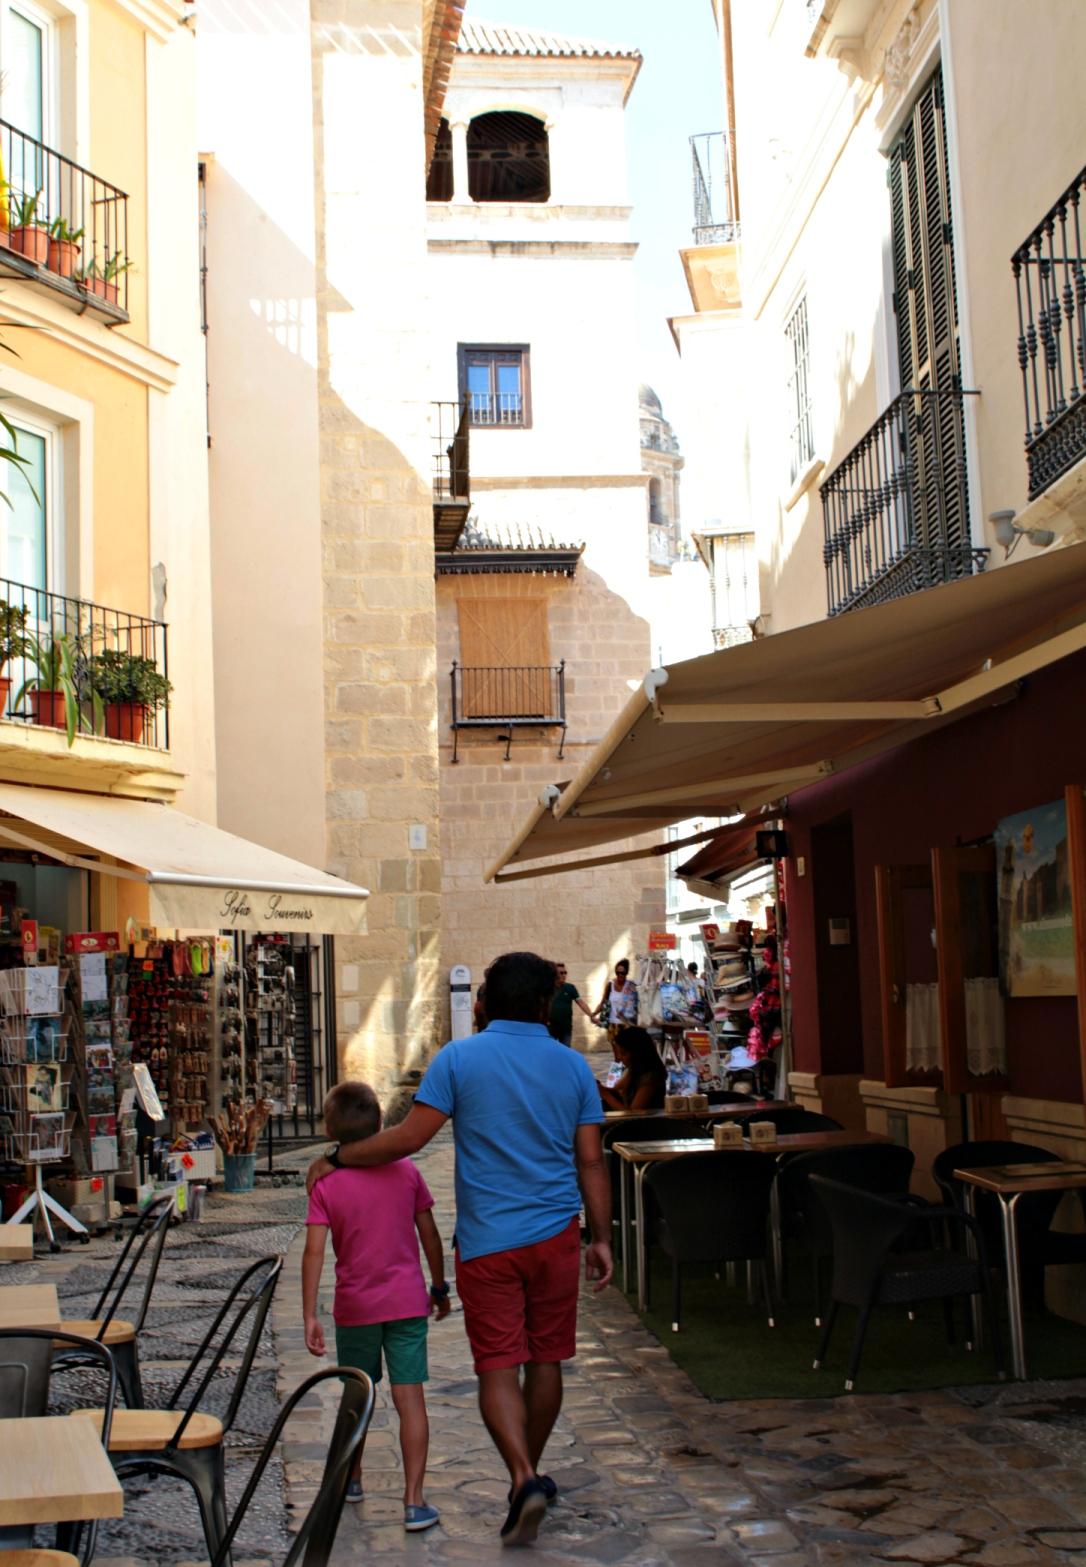 visita_museo_picasso_malaga_calle